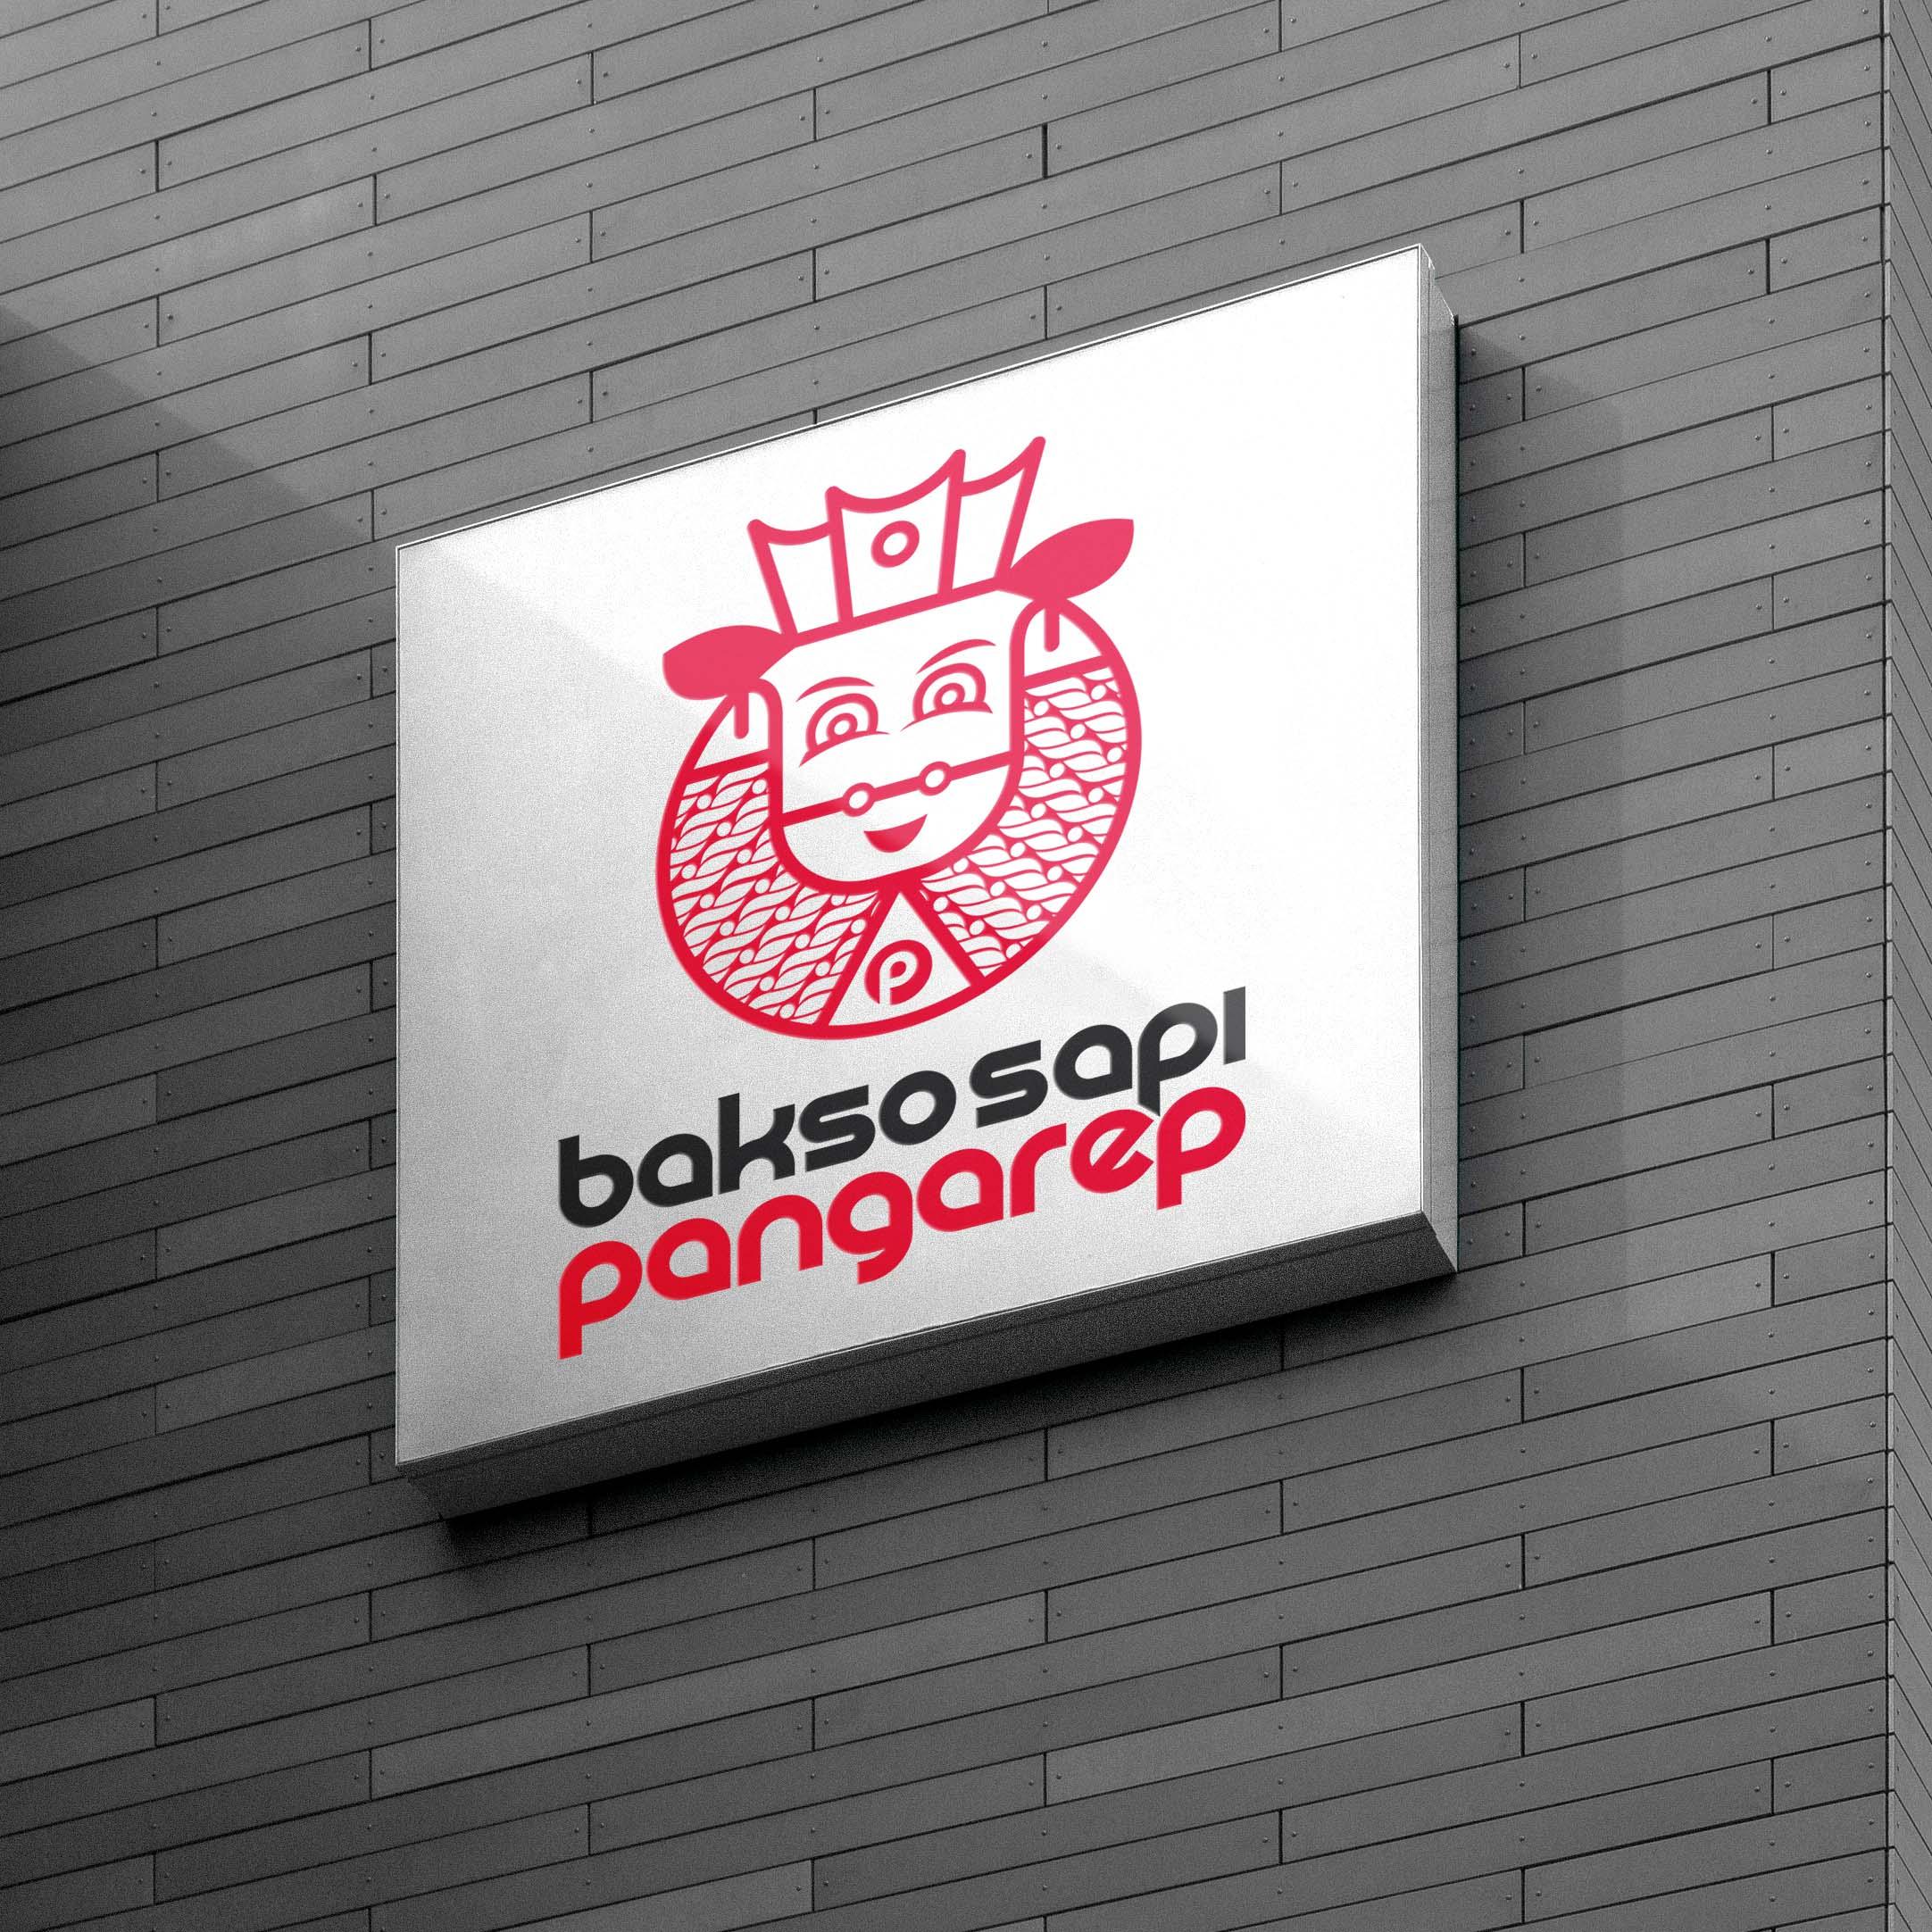 logo bakso sapi pangarep3ori